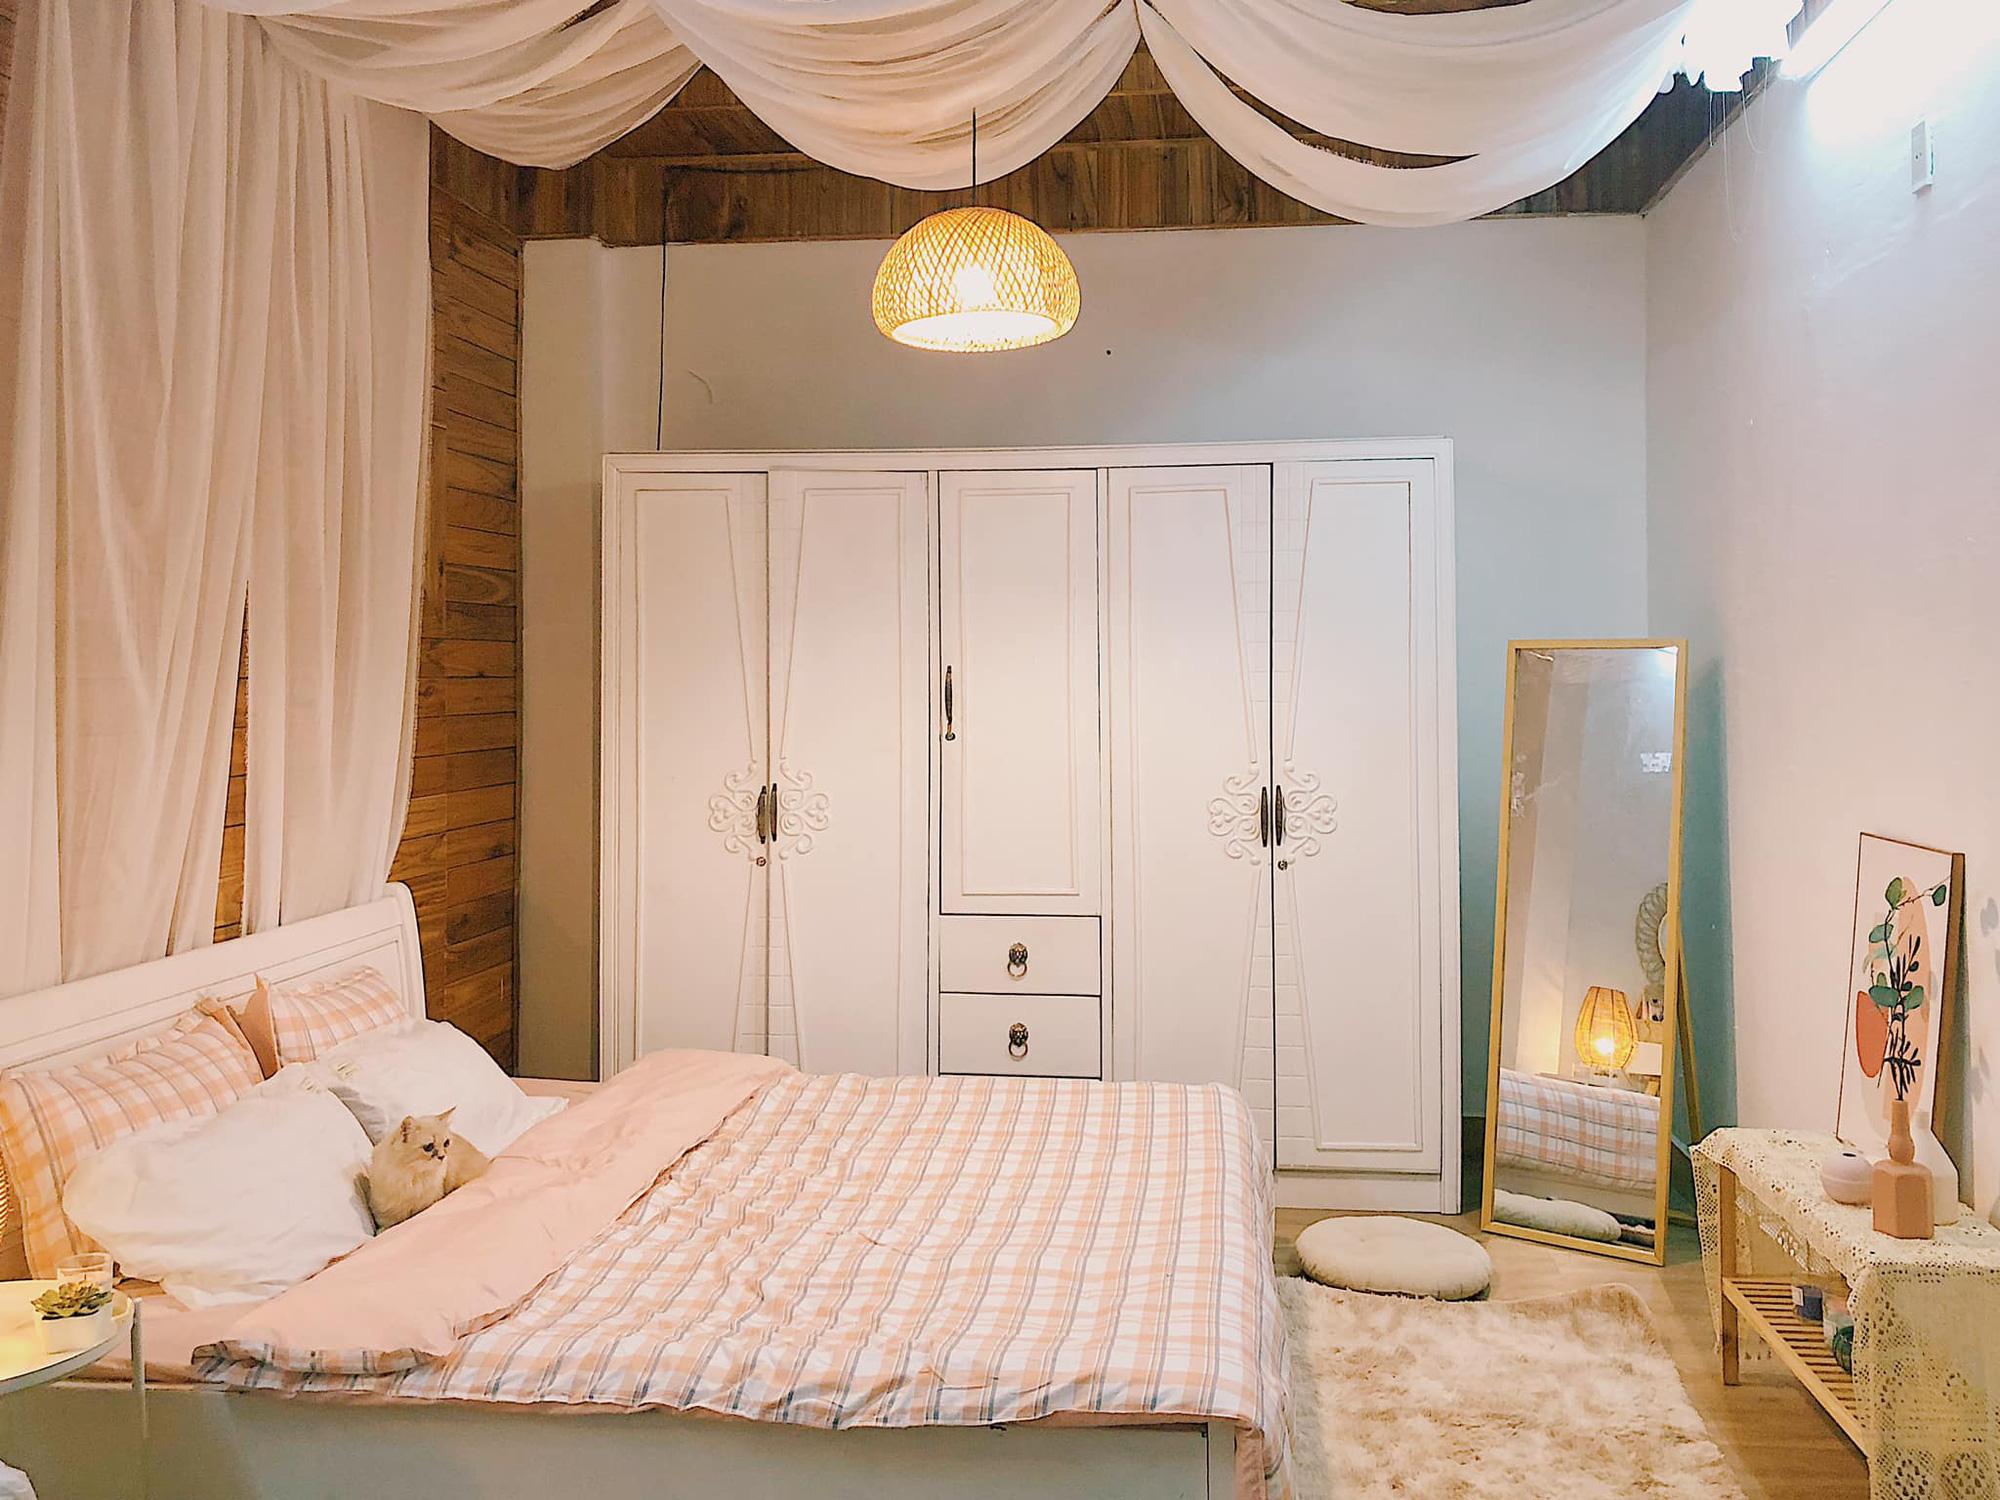 toc tit 2 16031858322601227236308 - Mách bạn mẹo nhỏ khi chọn giấy dán tường phòng ngủ